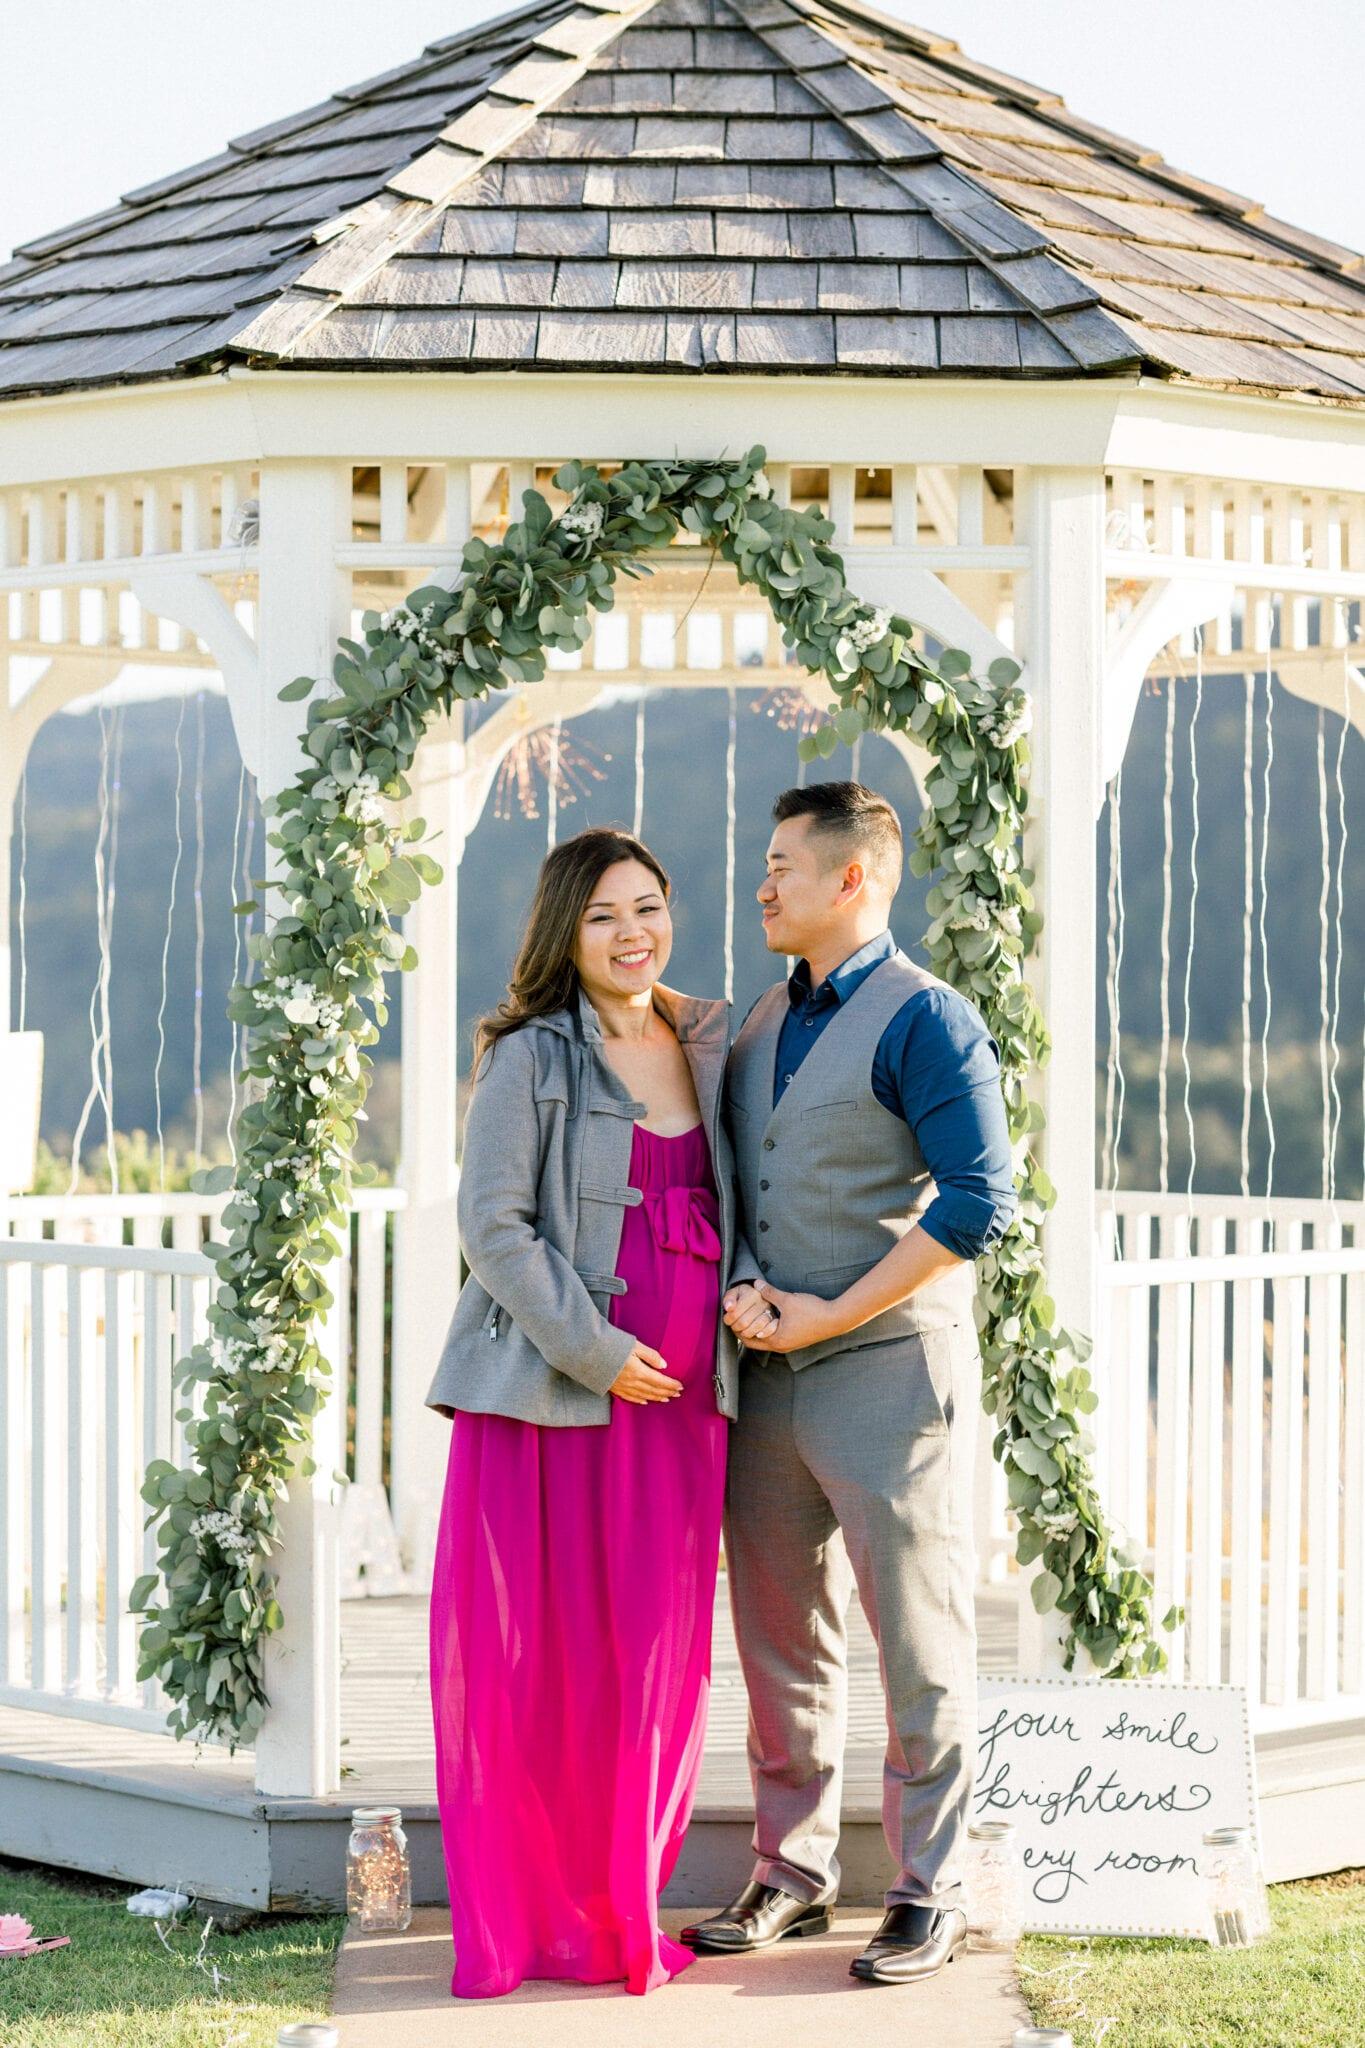 Pregnant couple in gazebo